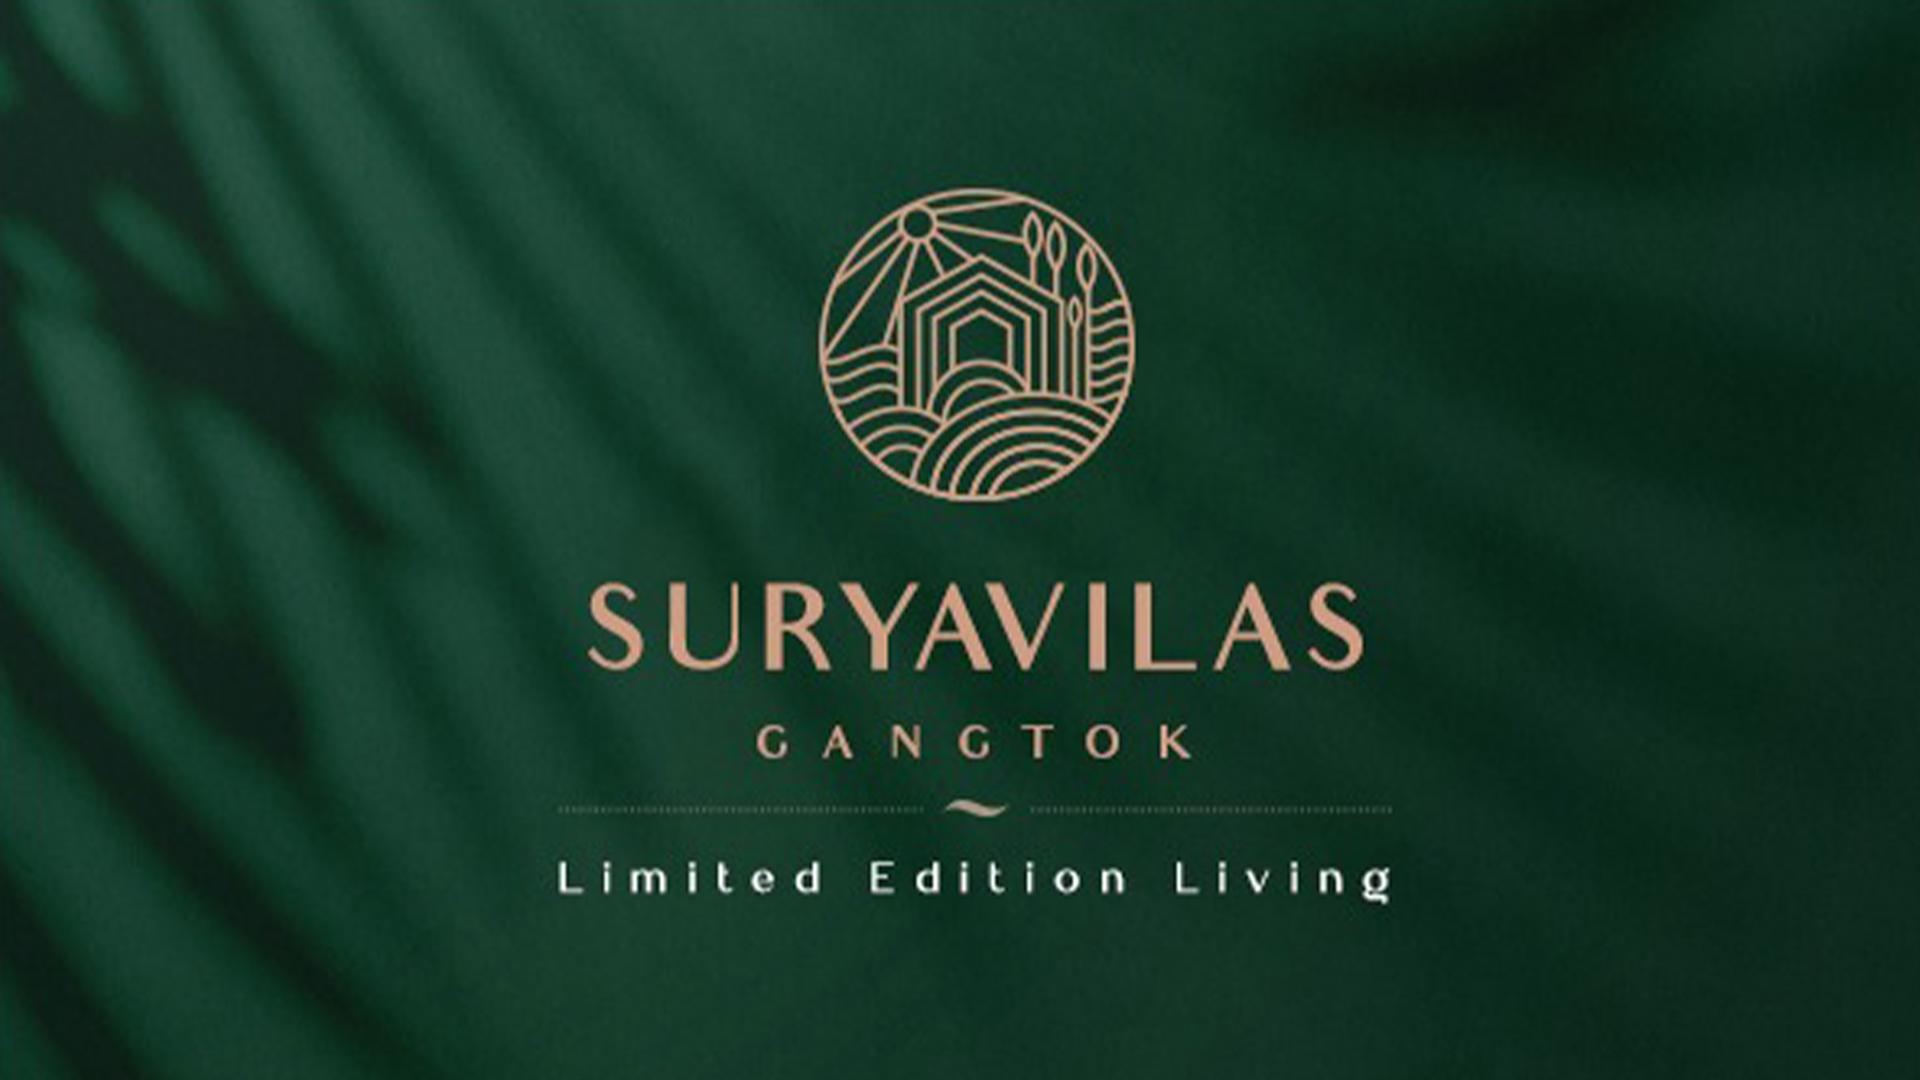 Suryavilas